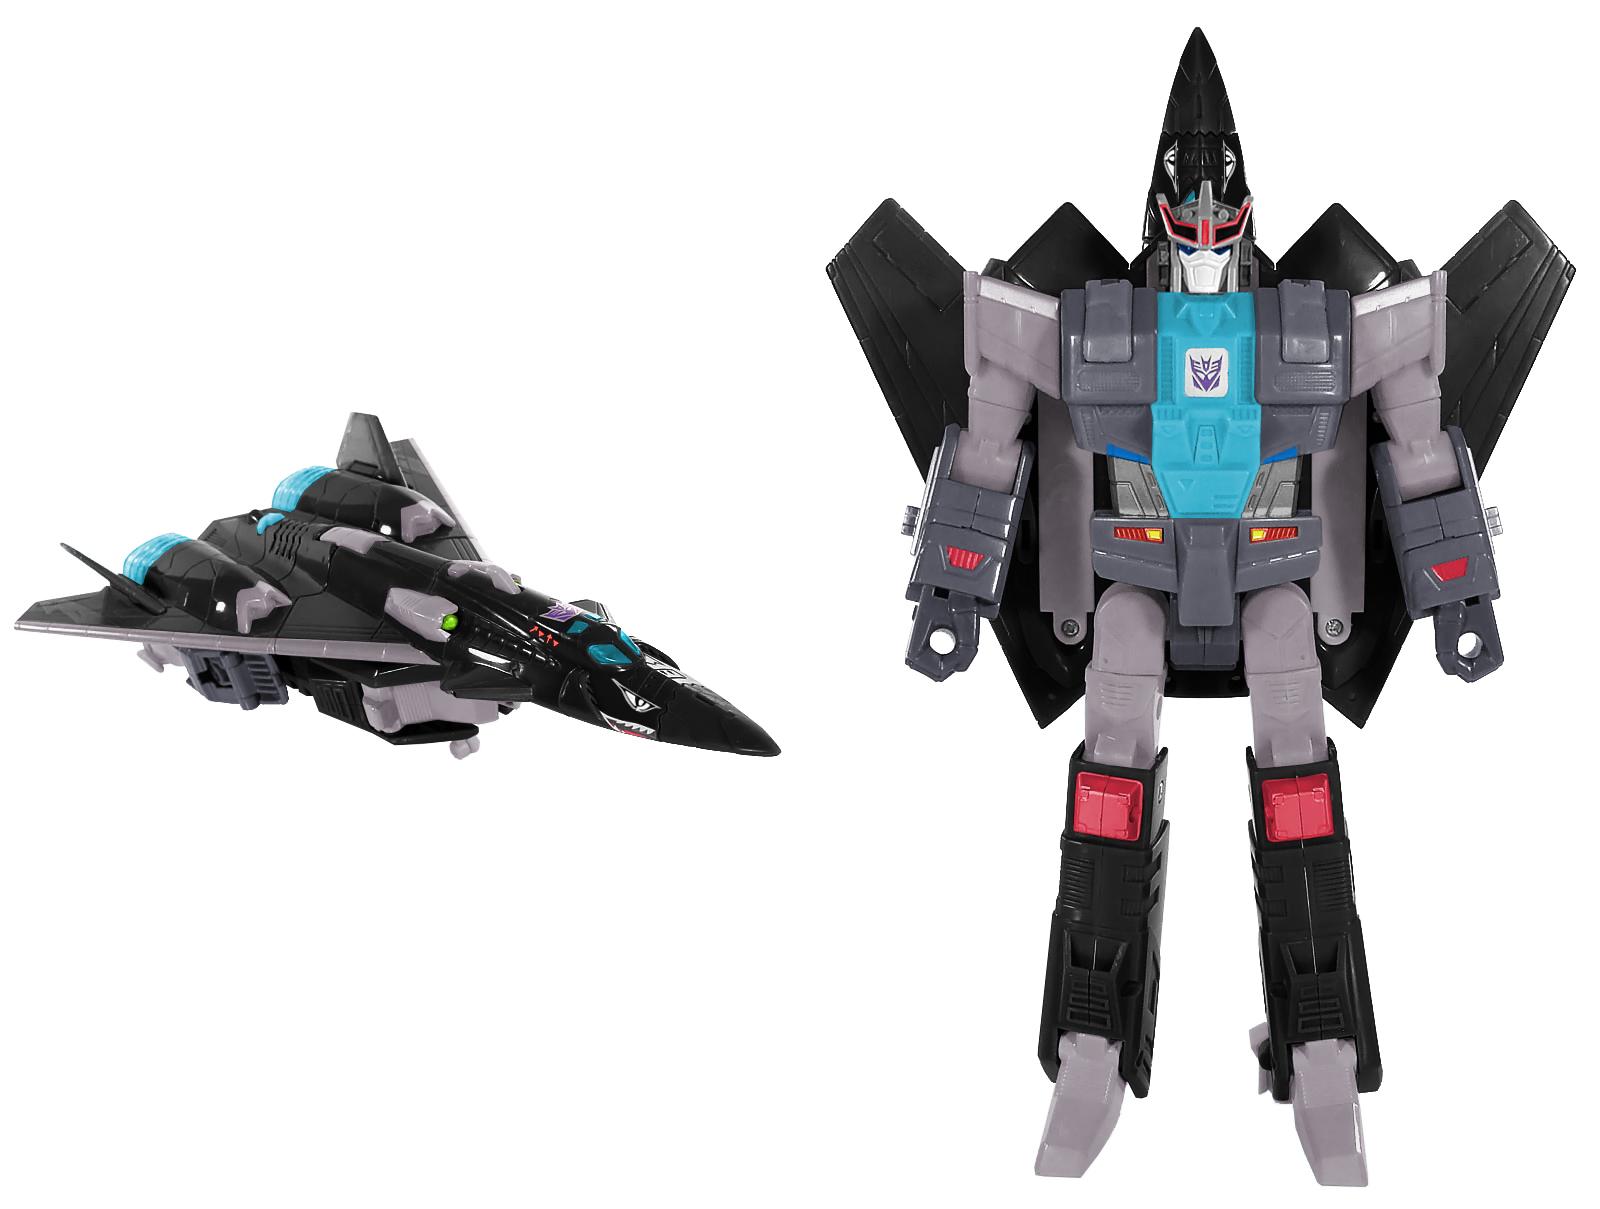 Black Machine Wars Starscream Botcon 2013